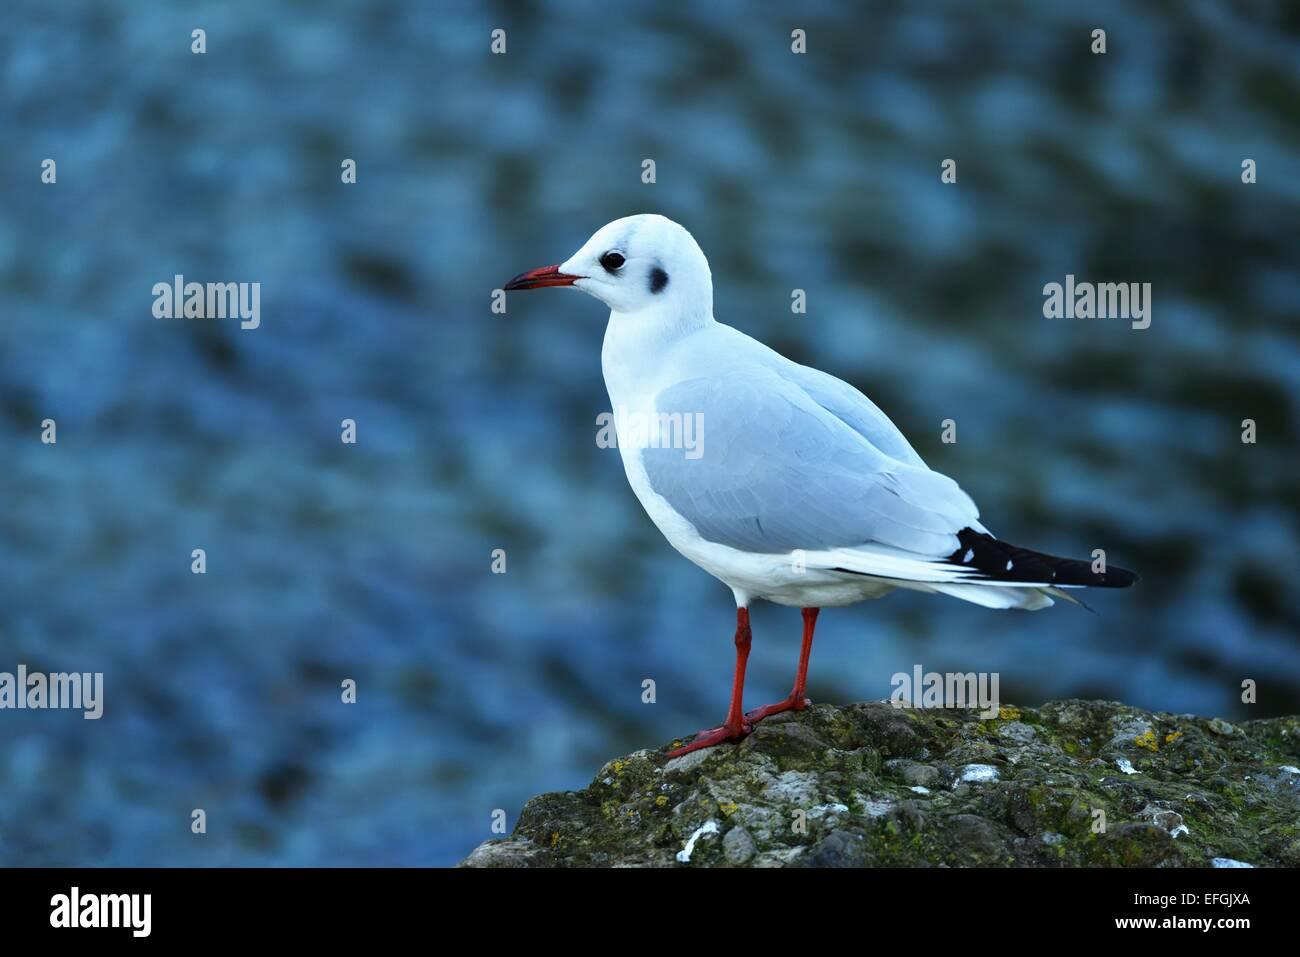 Black-headed Gull (Chroicocephalus ridibundus, Larus ridibundus), Lake Zug, Canton of Zug, Switzerland - Stock Image